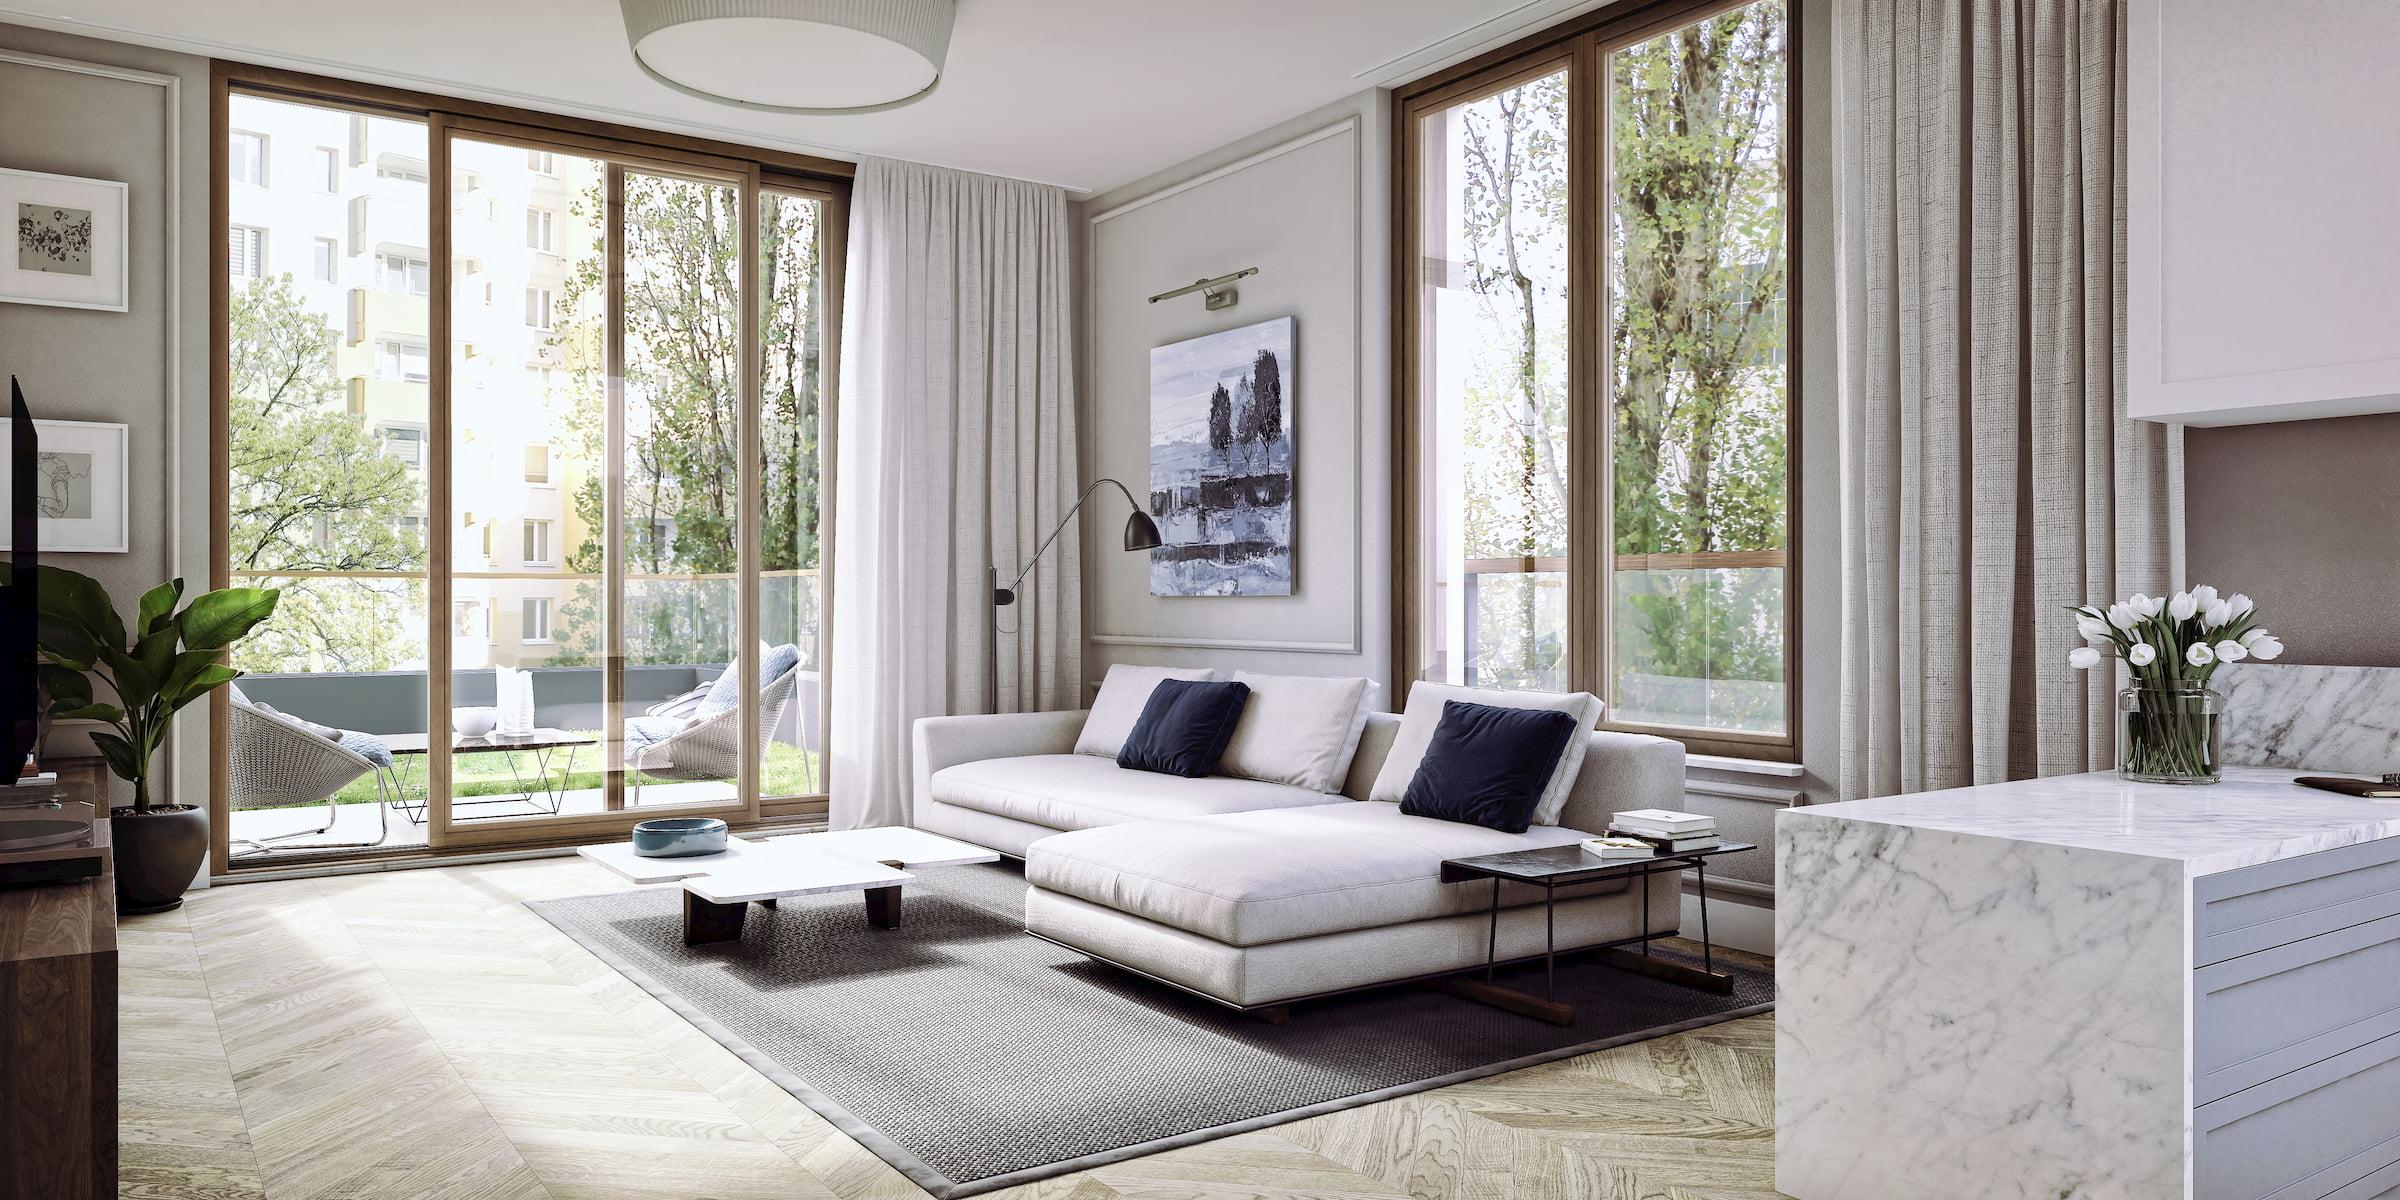 Apartment in Warsaw Private investor Dembowska/Jagiello 2018